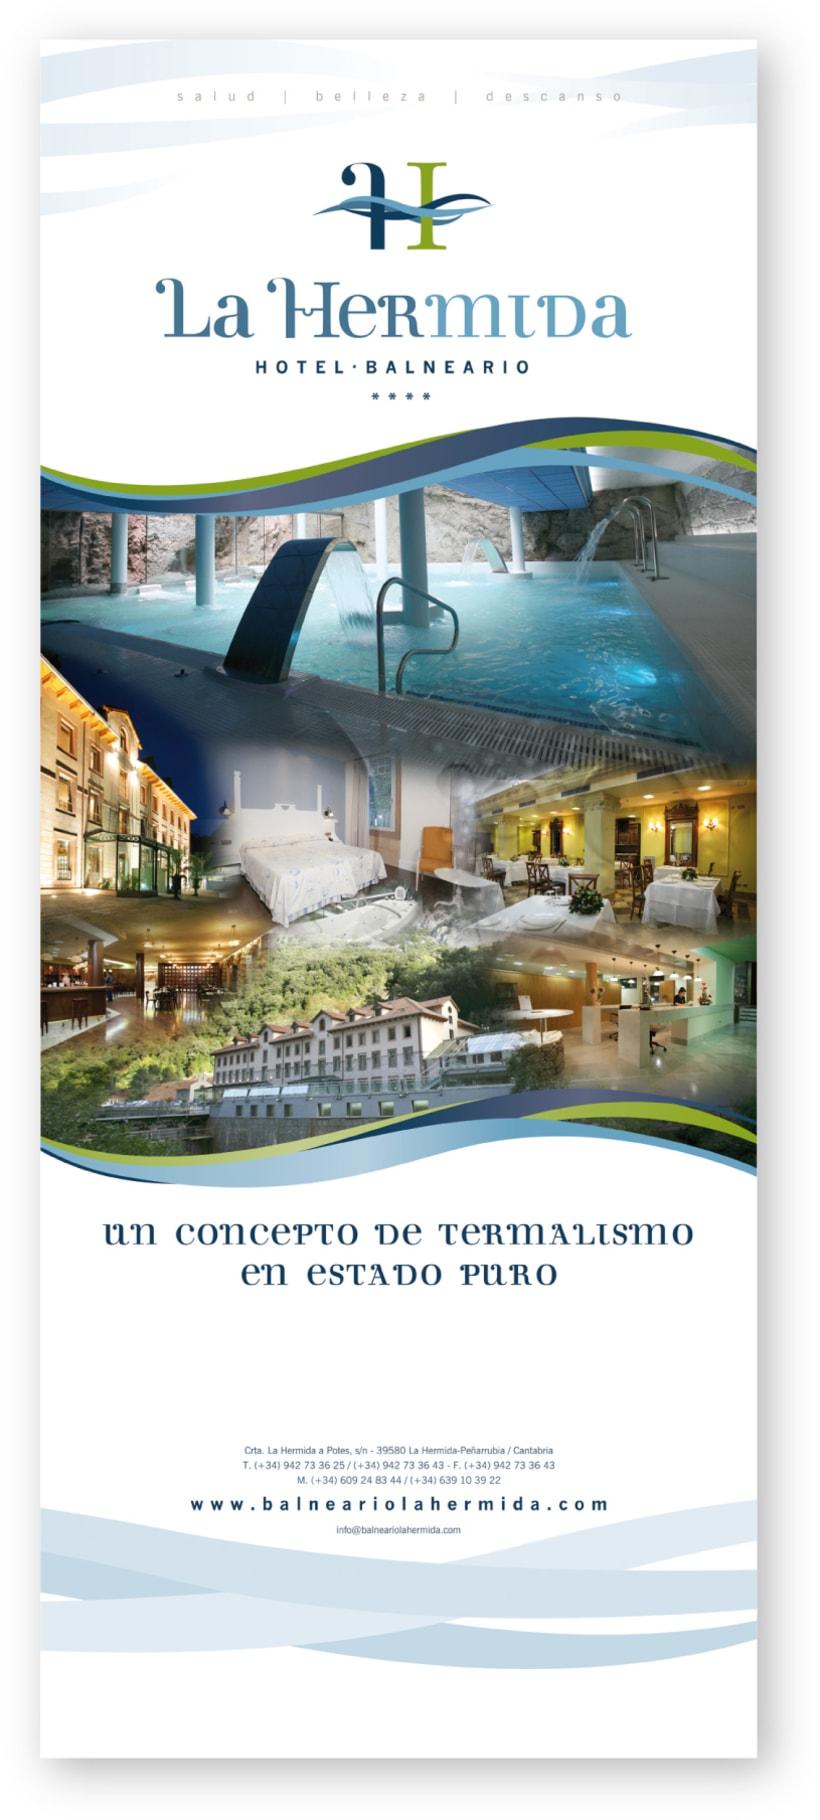 Hotel-balneario La Hermida 0